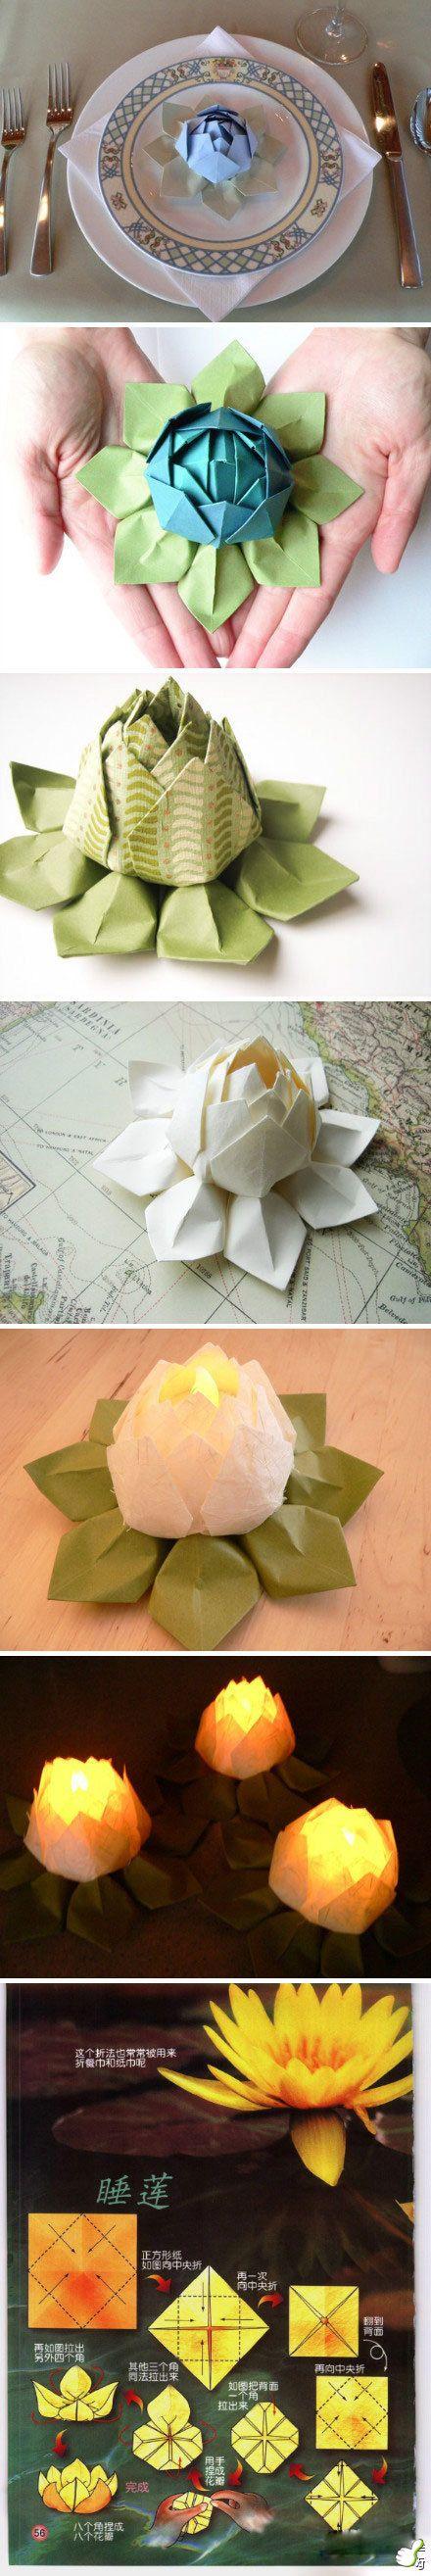 flor pra por vela dentro/ com folha pra suporte